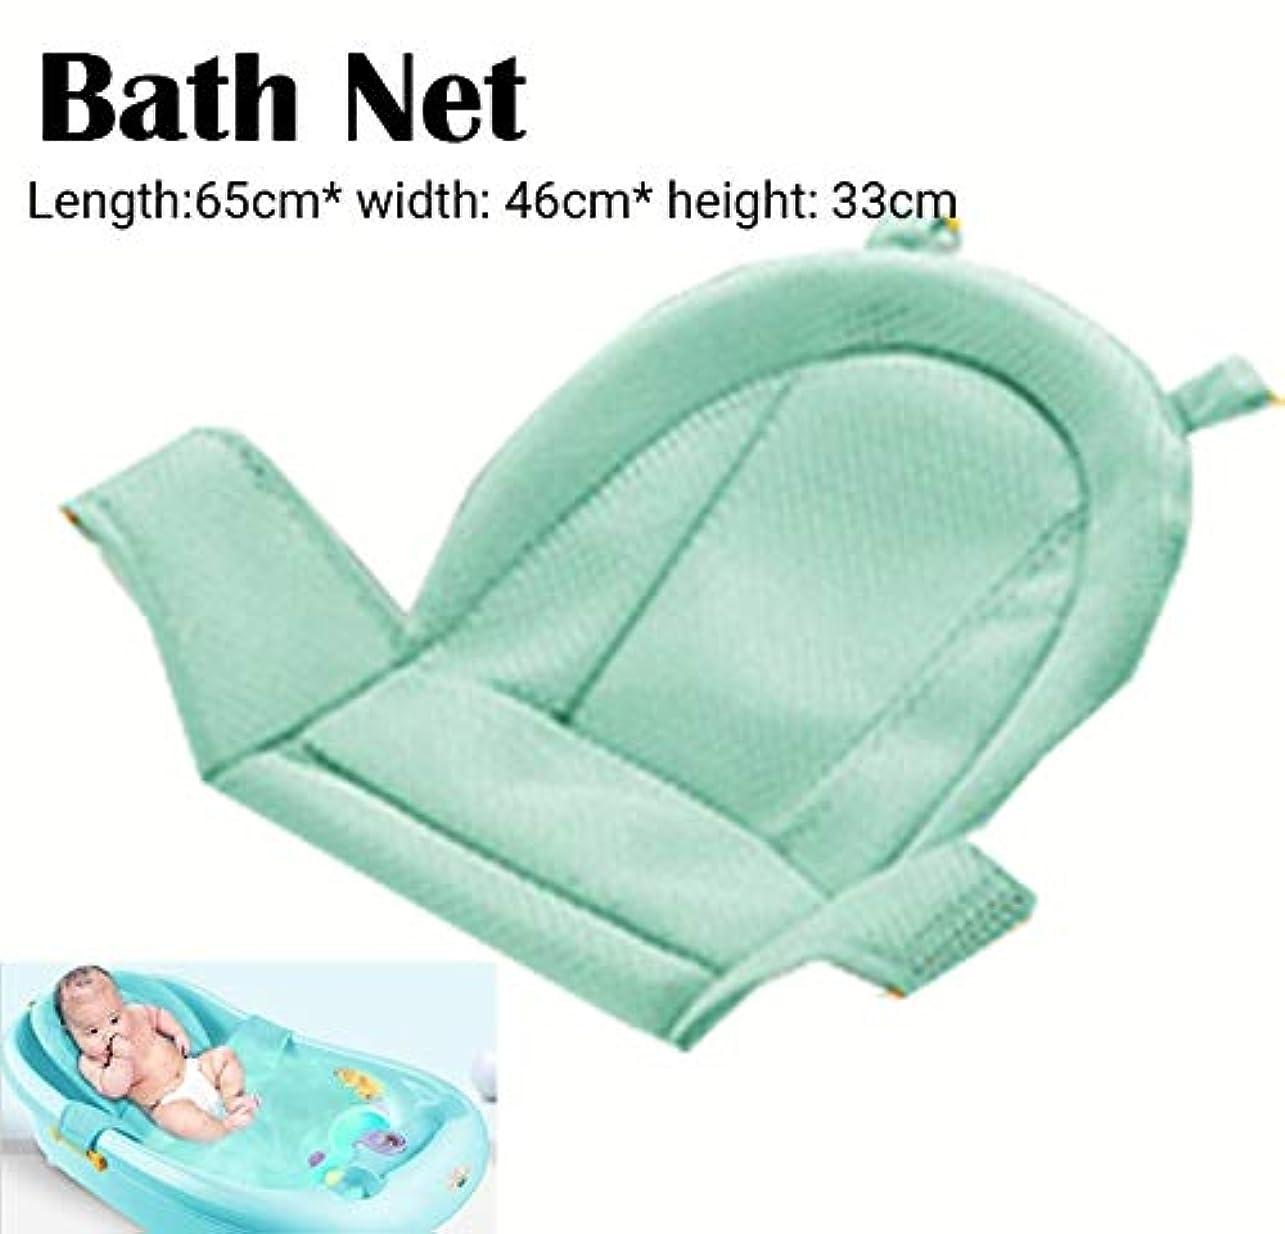 メッシュ変位前件SMART 漫画ポータブル赤ちゃんノンスリップバスタブシャワー浴槽マット新生児安全セキュリティバスエアクッション折りたたみソフト枕シート クッション 椅子